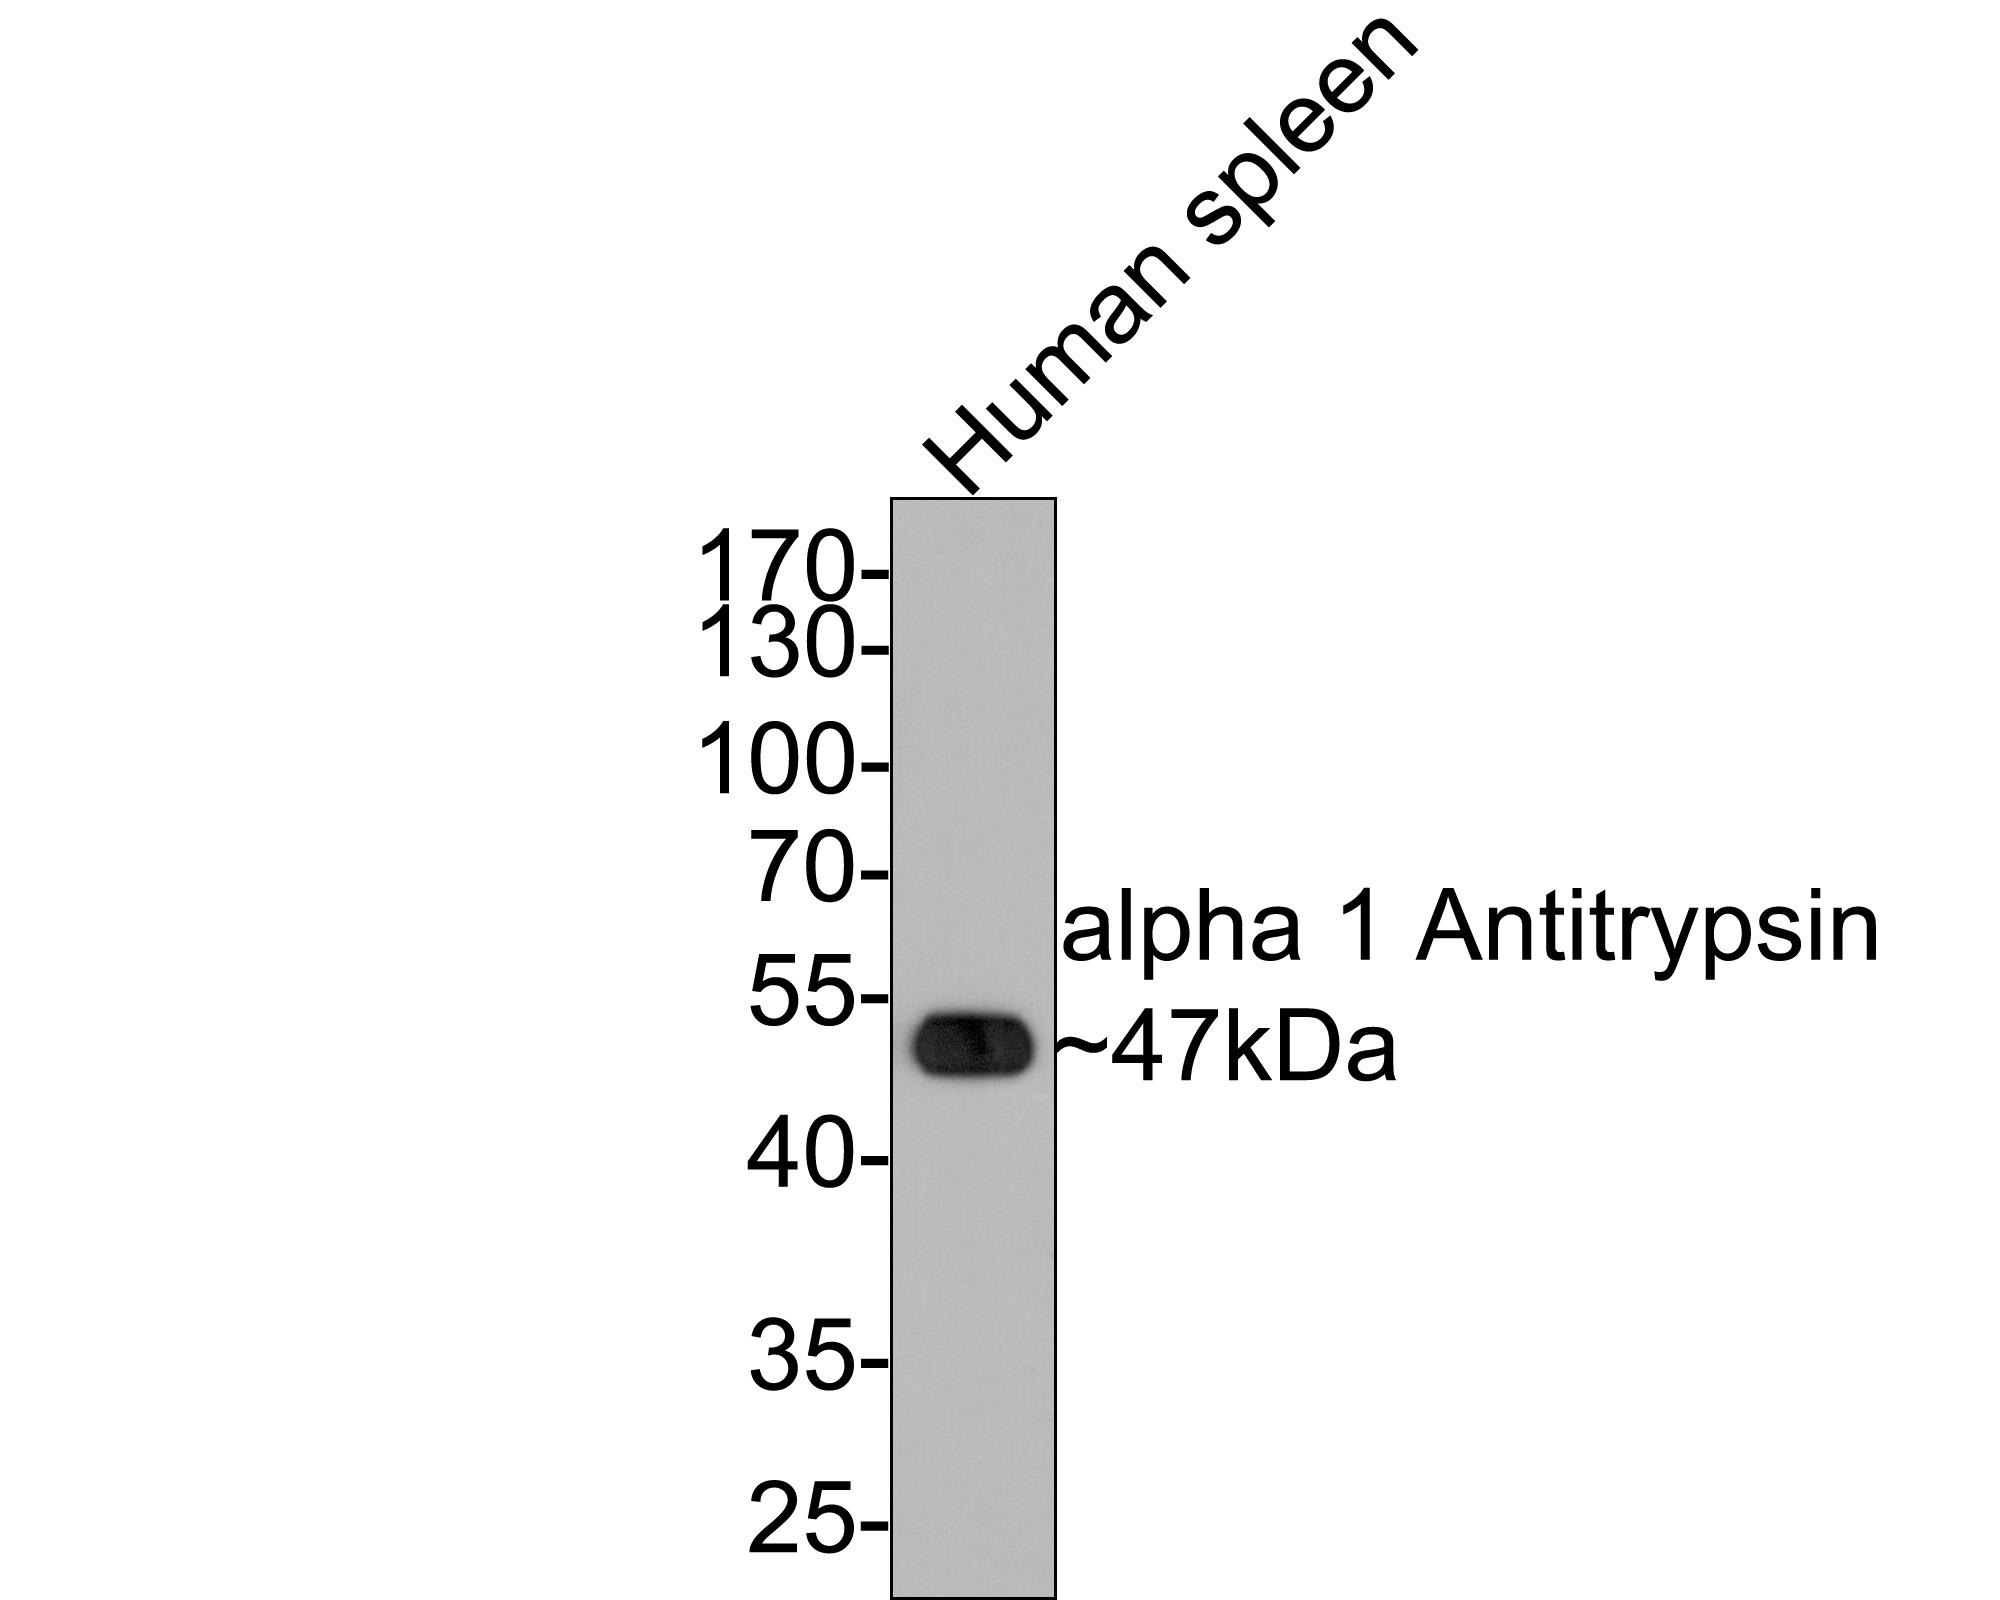 Western blot analysis of alpha 1 Antitrypsin on human spleen lysates using anti-alpha 1 Antitrypsin antibody at 1/1,000 dilution.